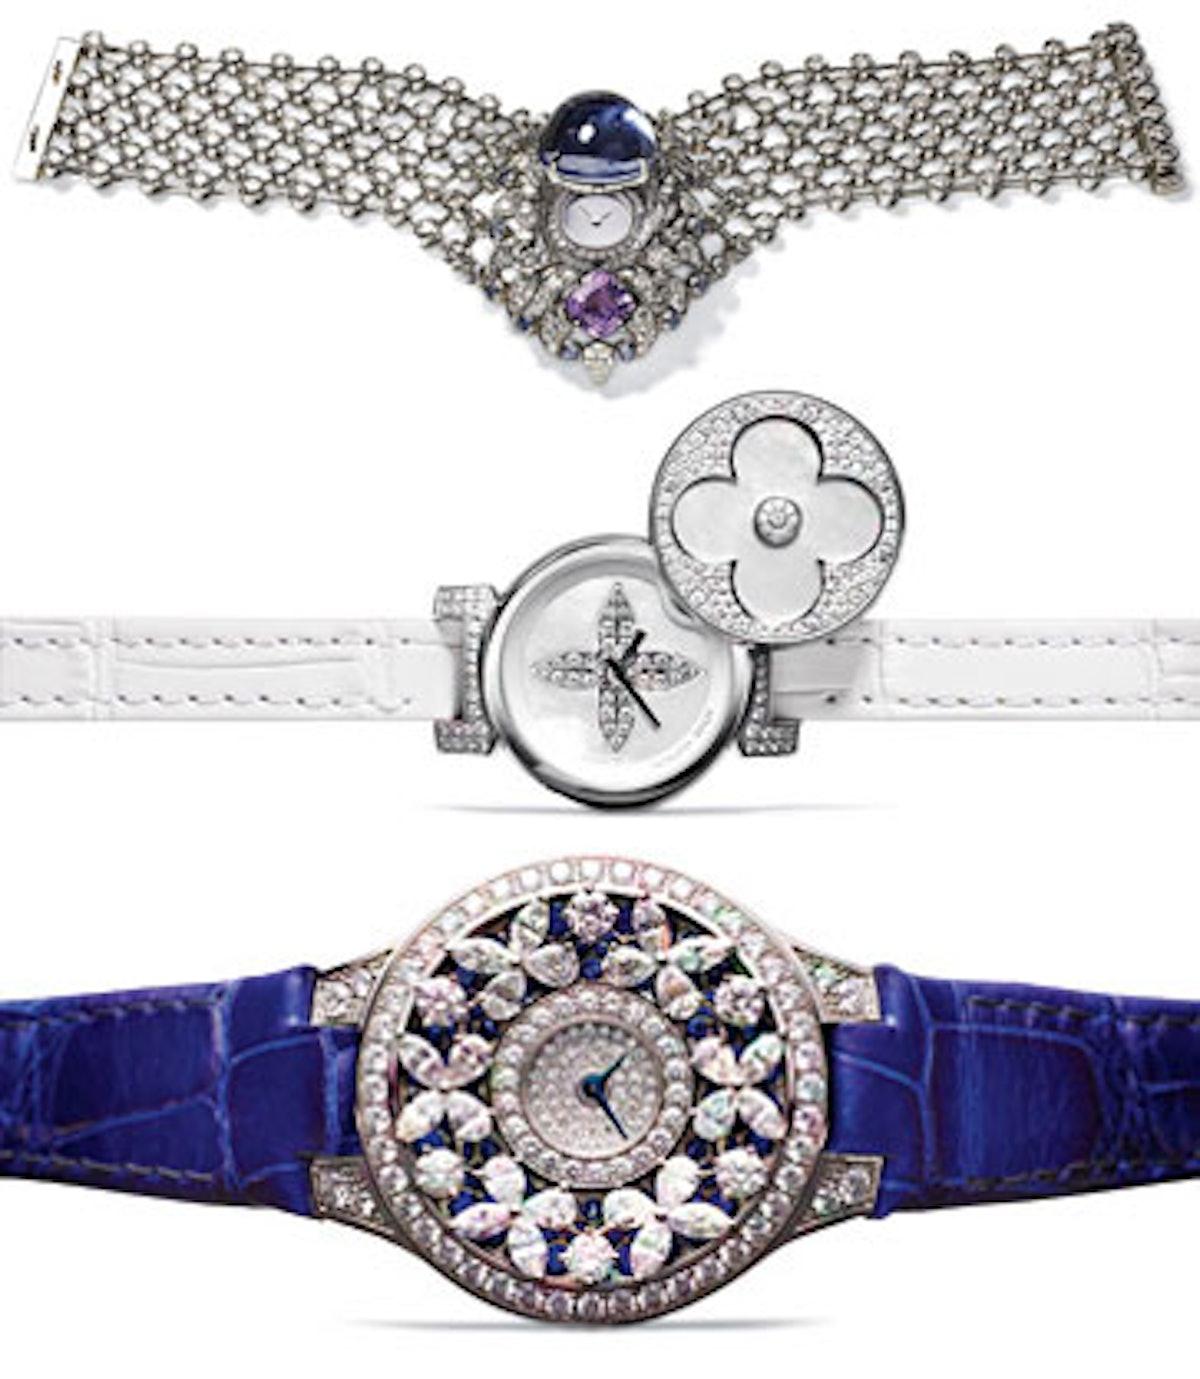 blog-new-watches-v.jpg